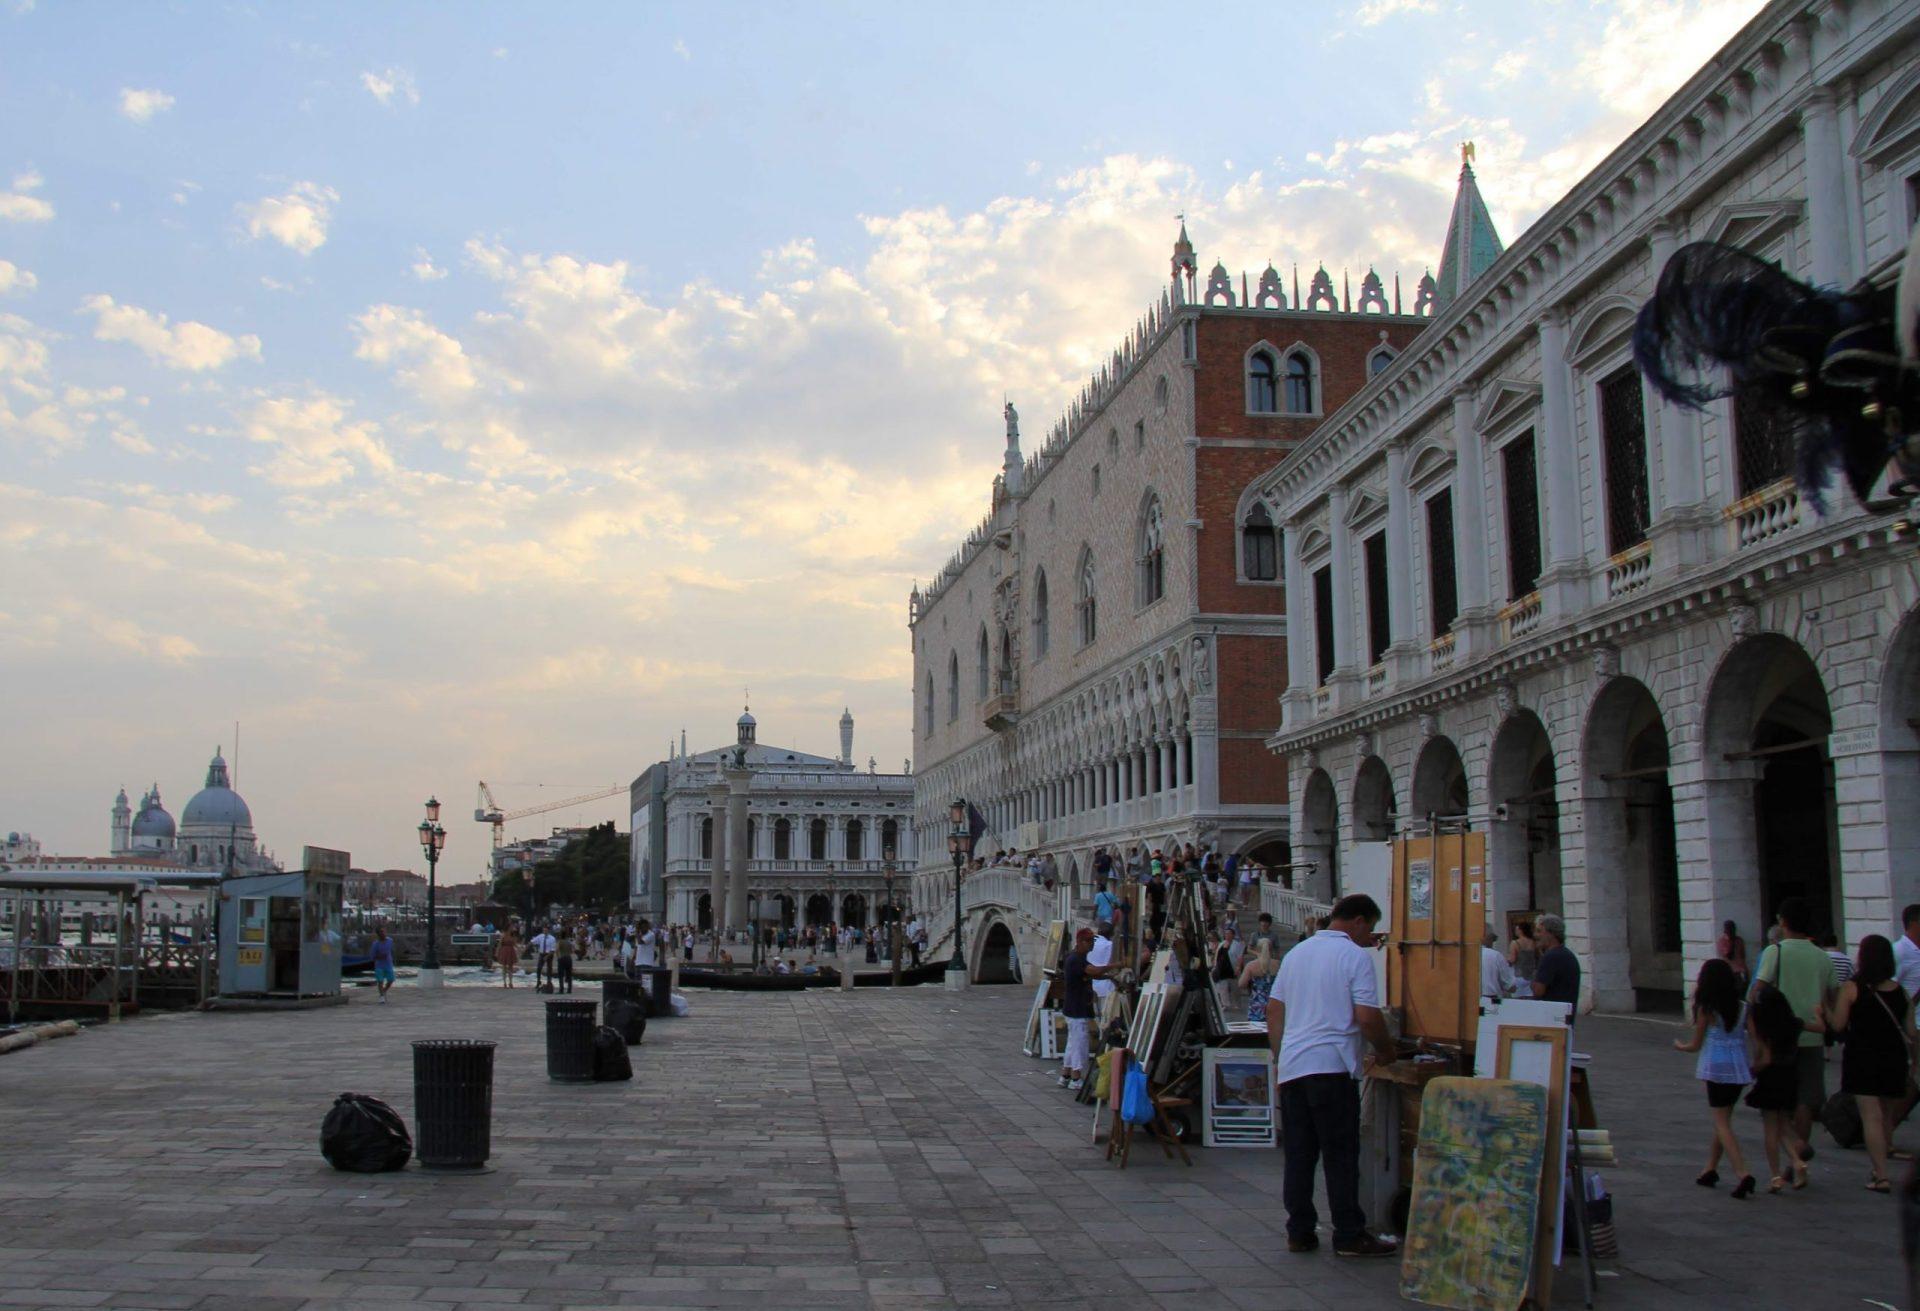 Соломенный мост, Венеция, Италия. Июль, 2012